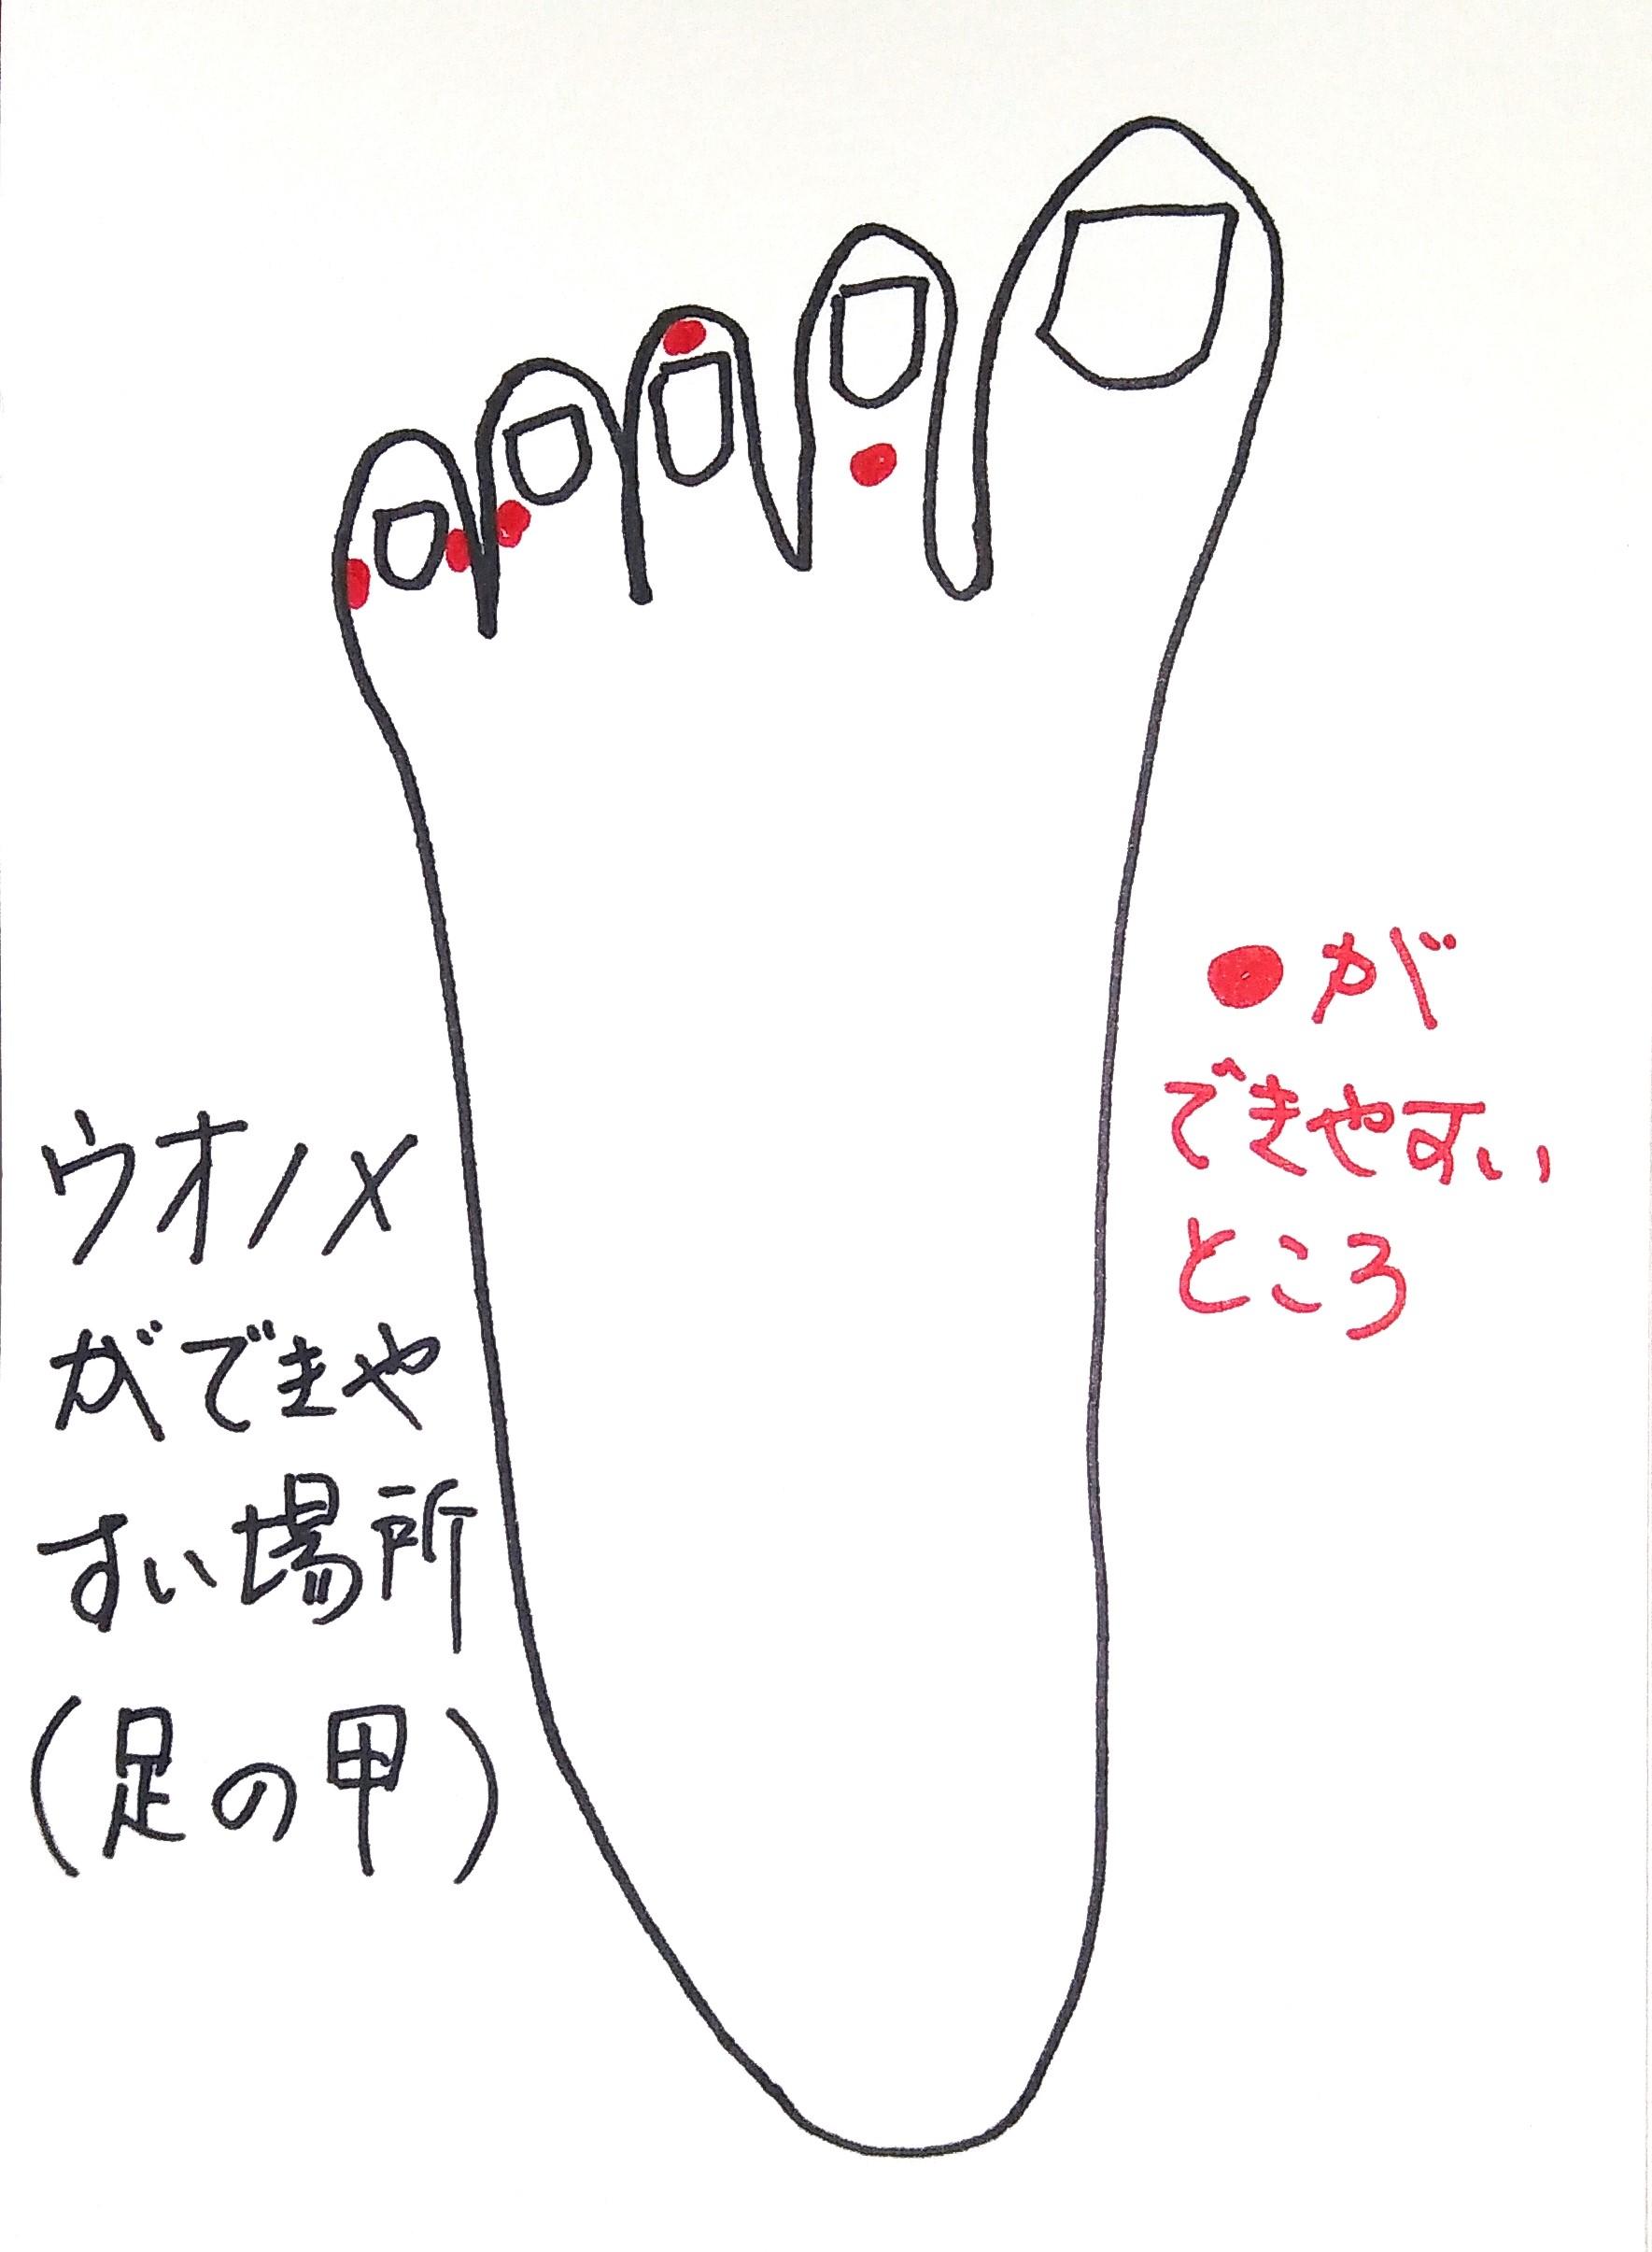 宮城県仙台市 ウオノメ(鶏眼)靴合わせ オーダーメイドインソール 根本原因 解決 足のアーチサポート